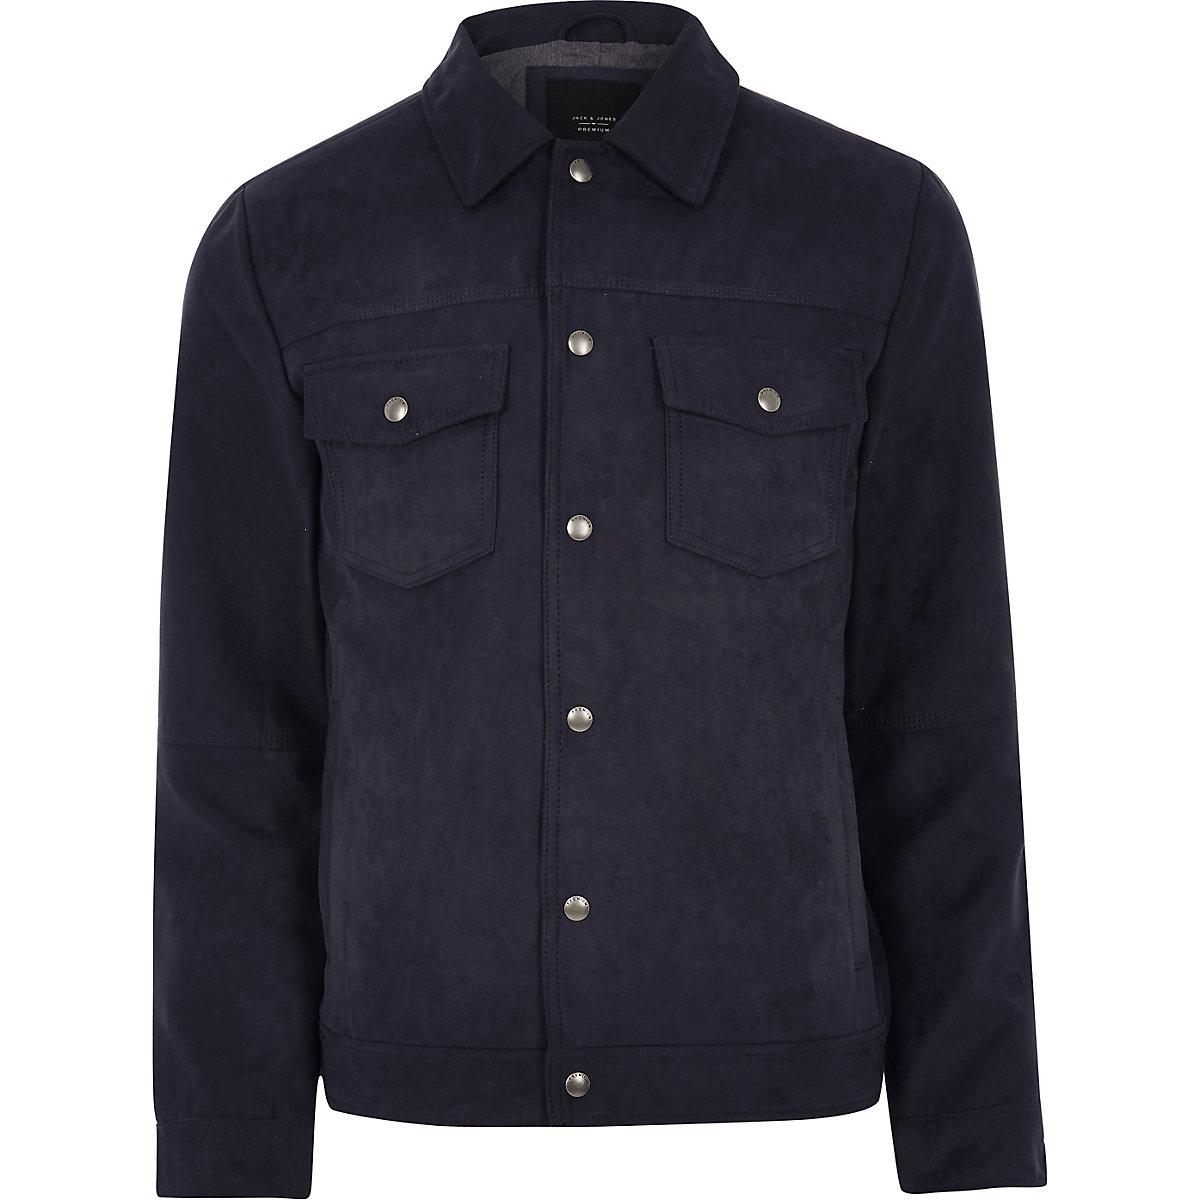 Jack & Jones Premium navy trucker jacket